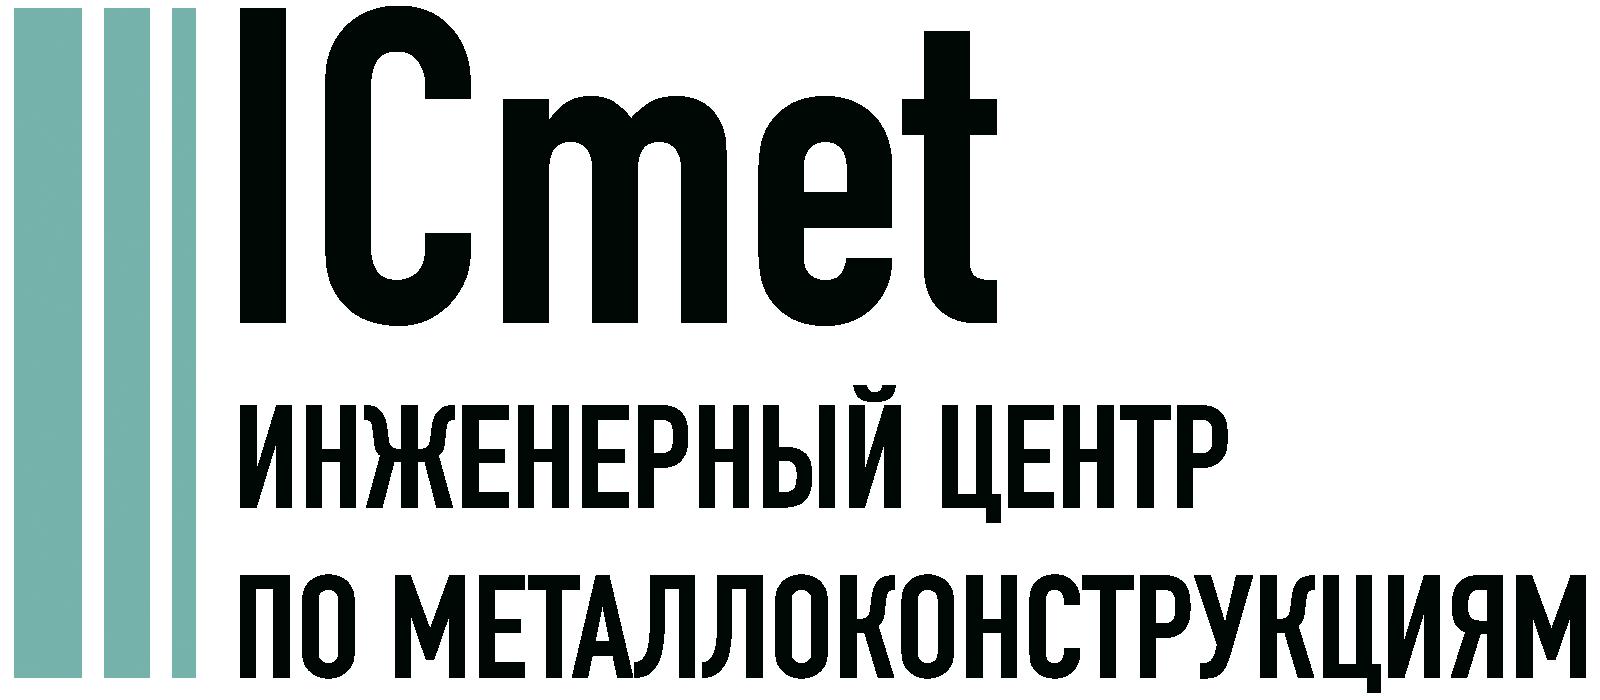 Проектирование металлоконструкций в Ярославле